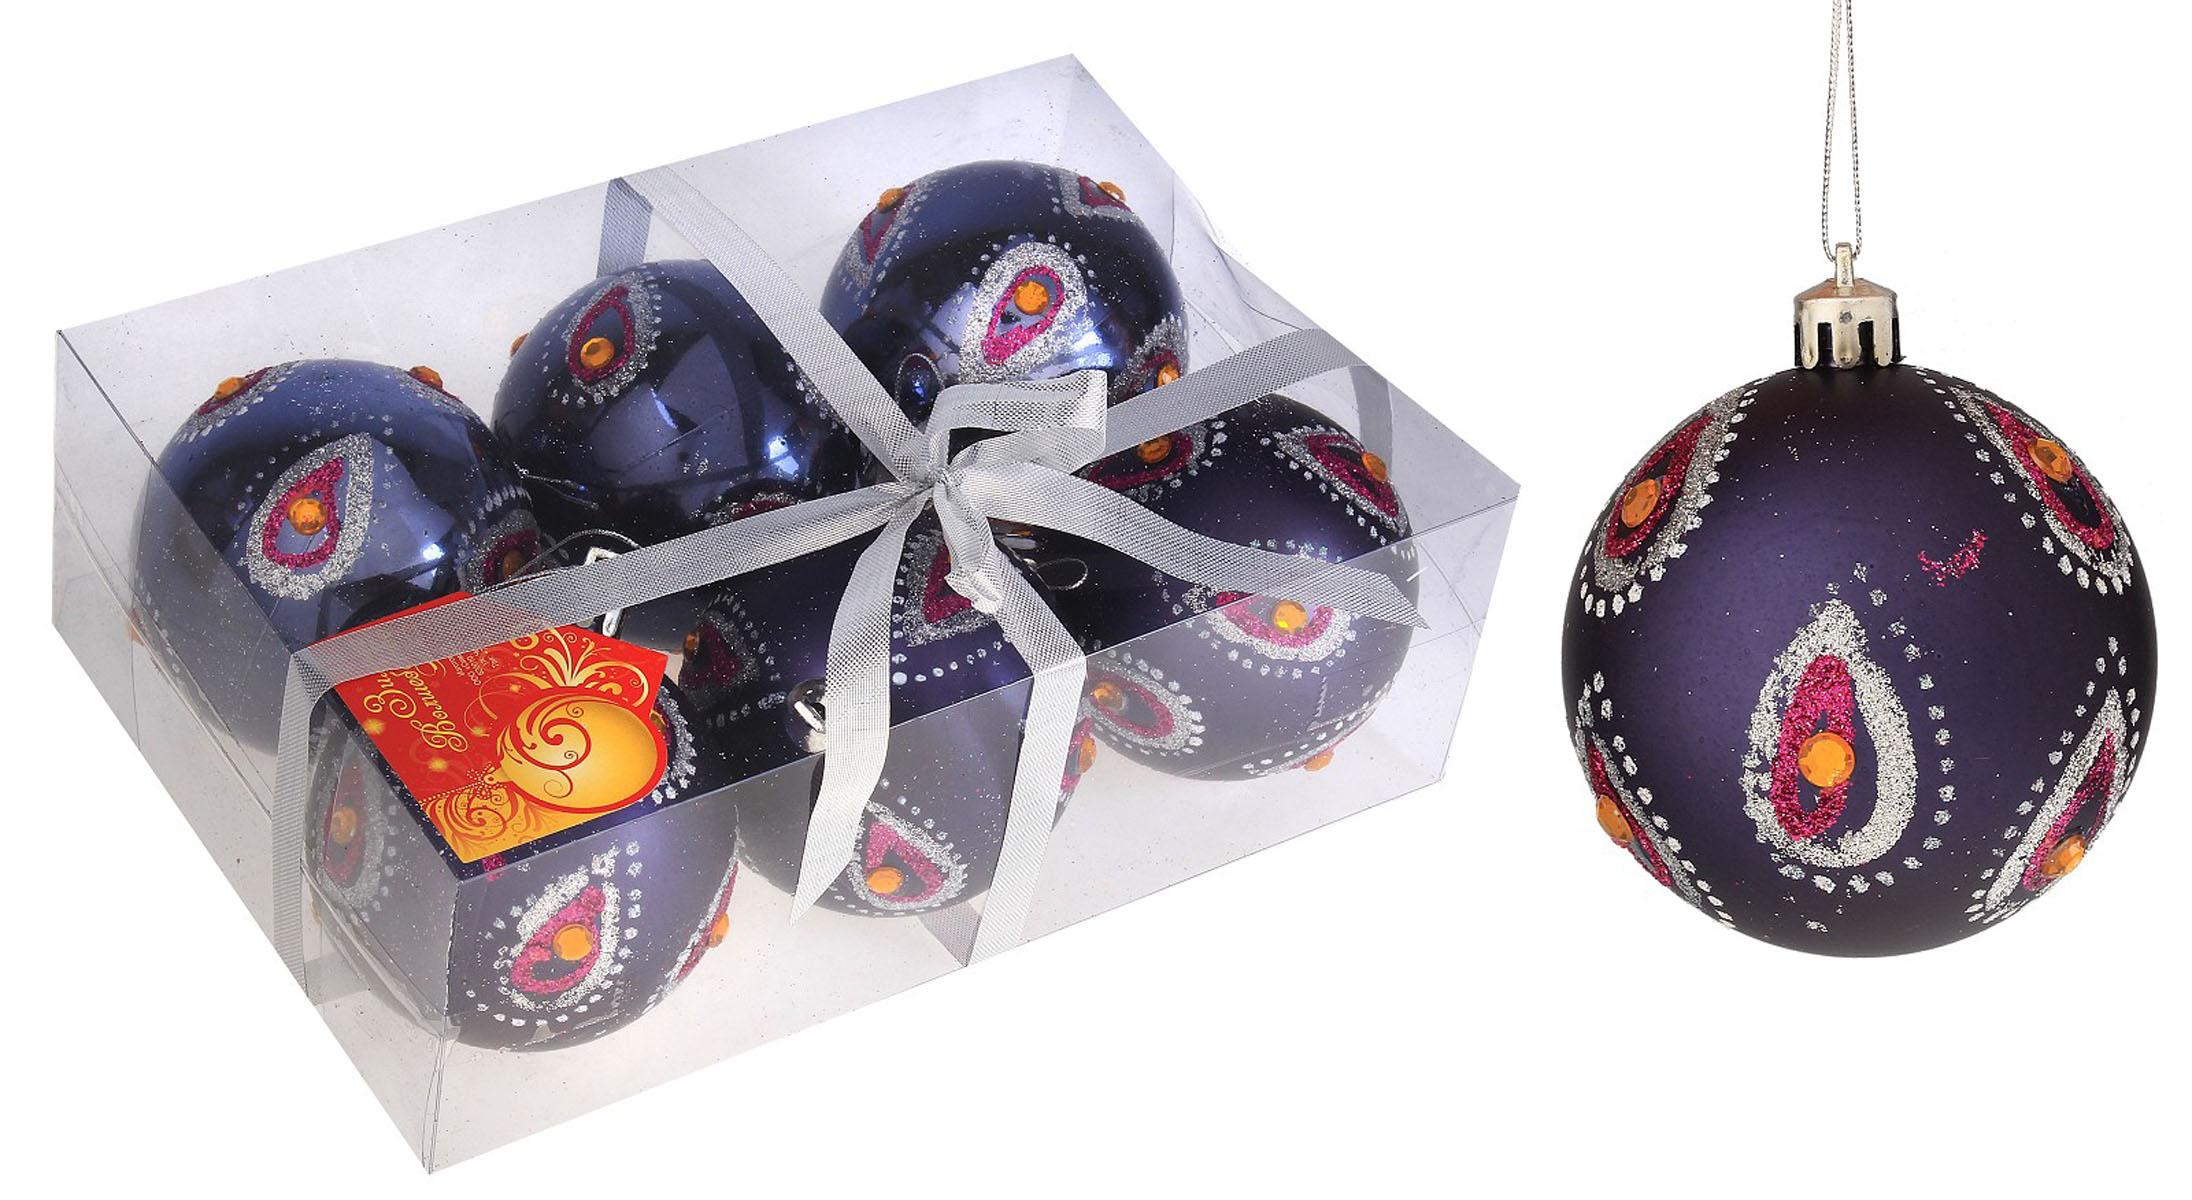 Набор новогодних подвесных украшений Sima-land Шар, цвет: серебристый, темно-синий, диаметр 7 см, 6 шт. 519827519827